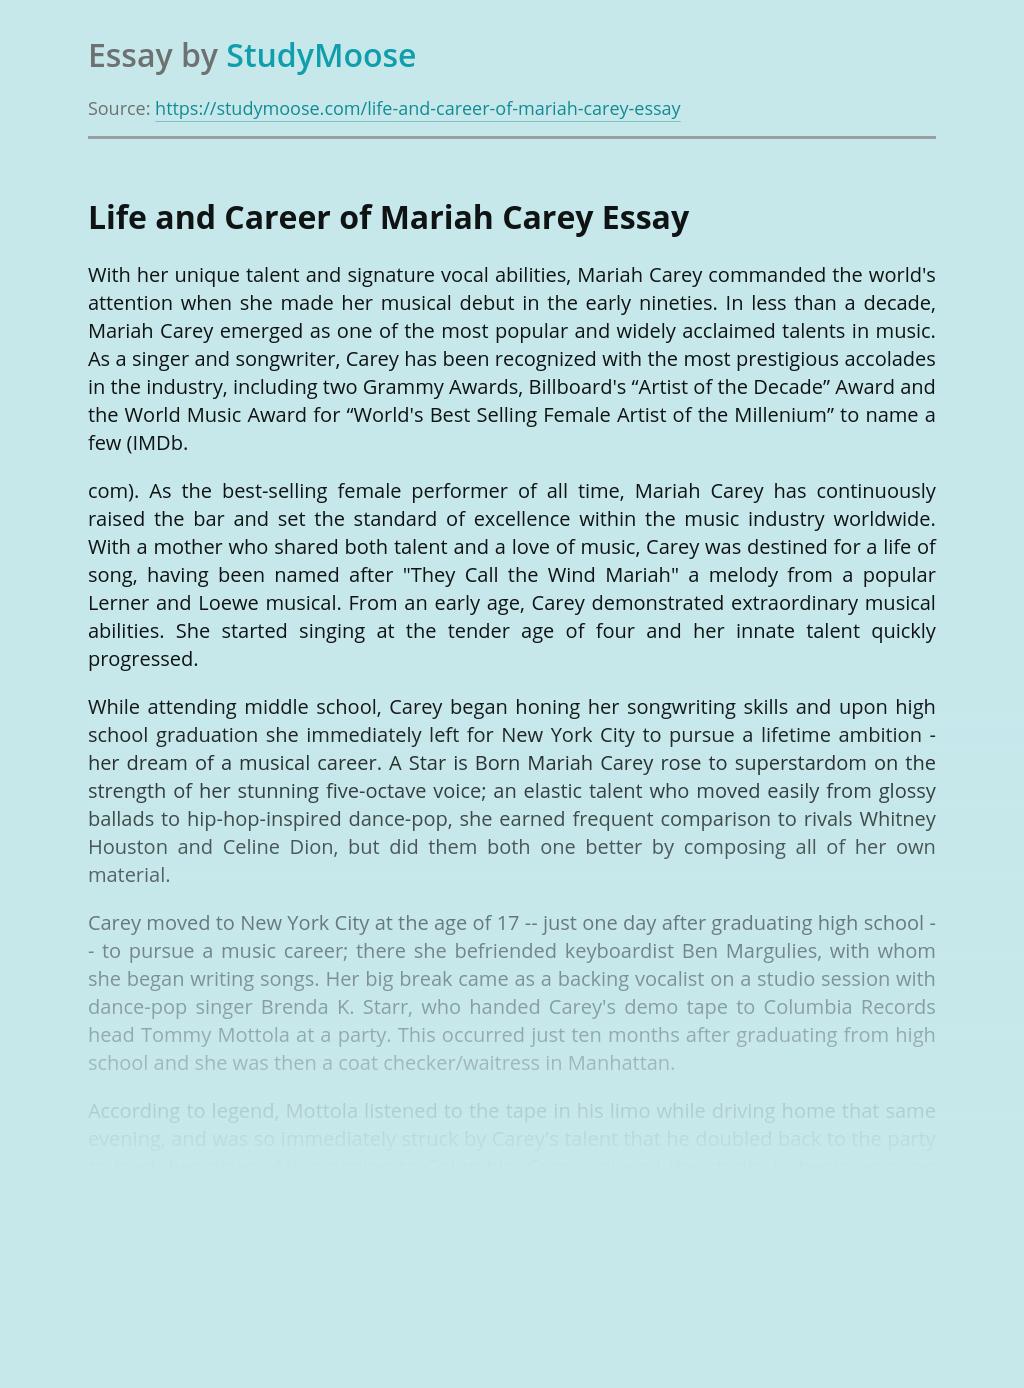 Life and Career of Mariah Carey